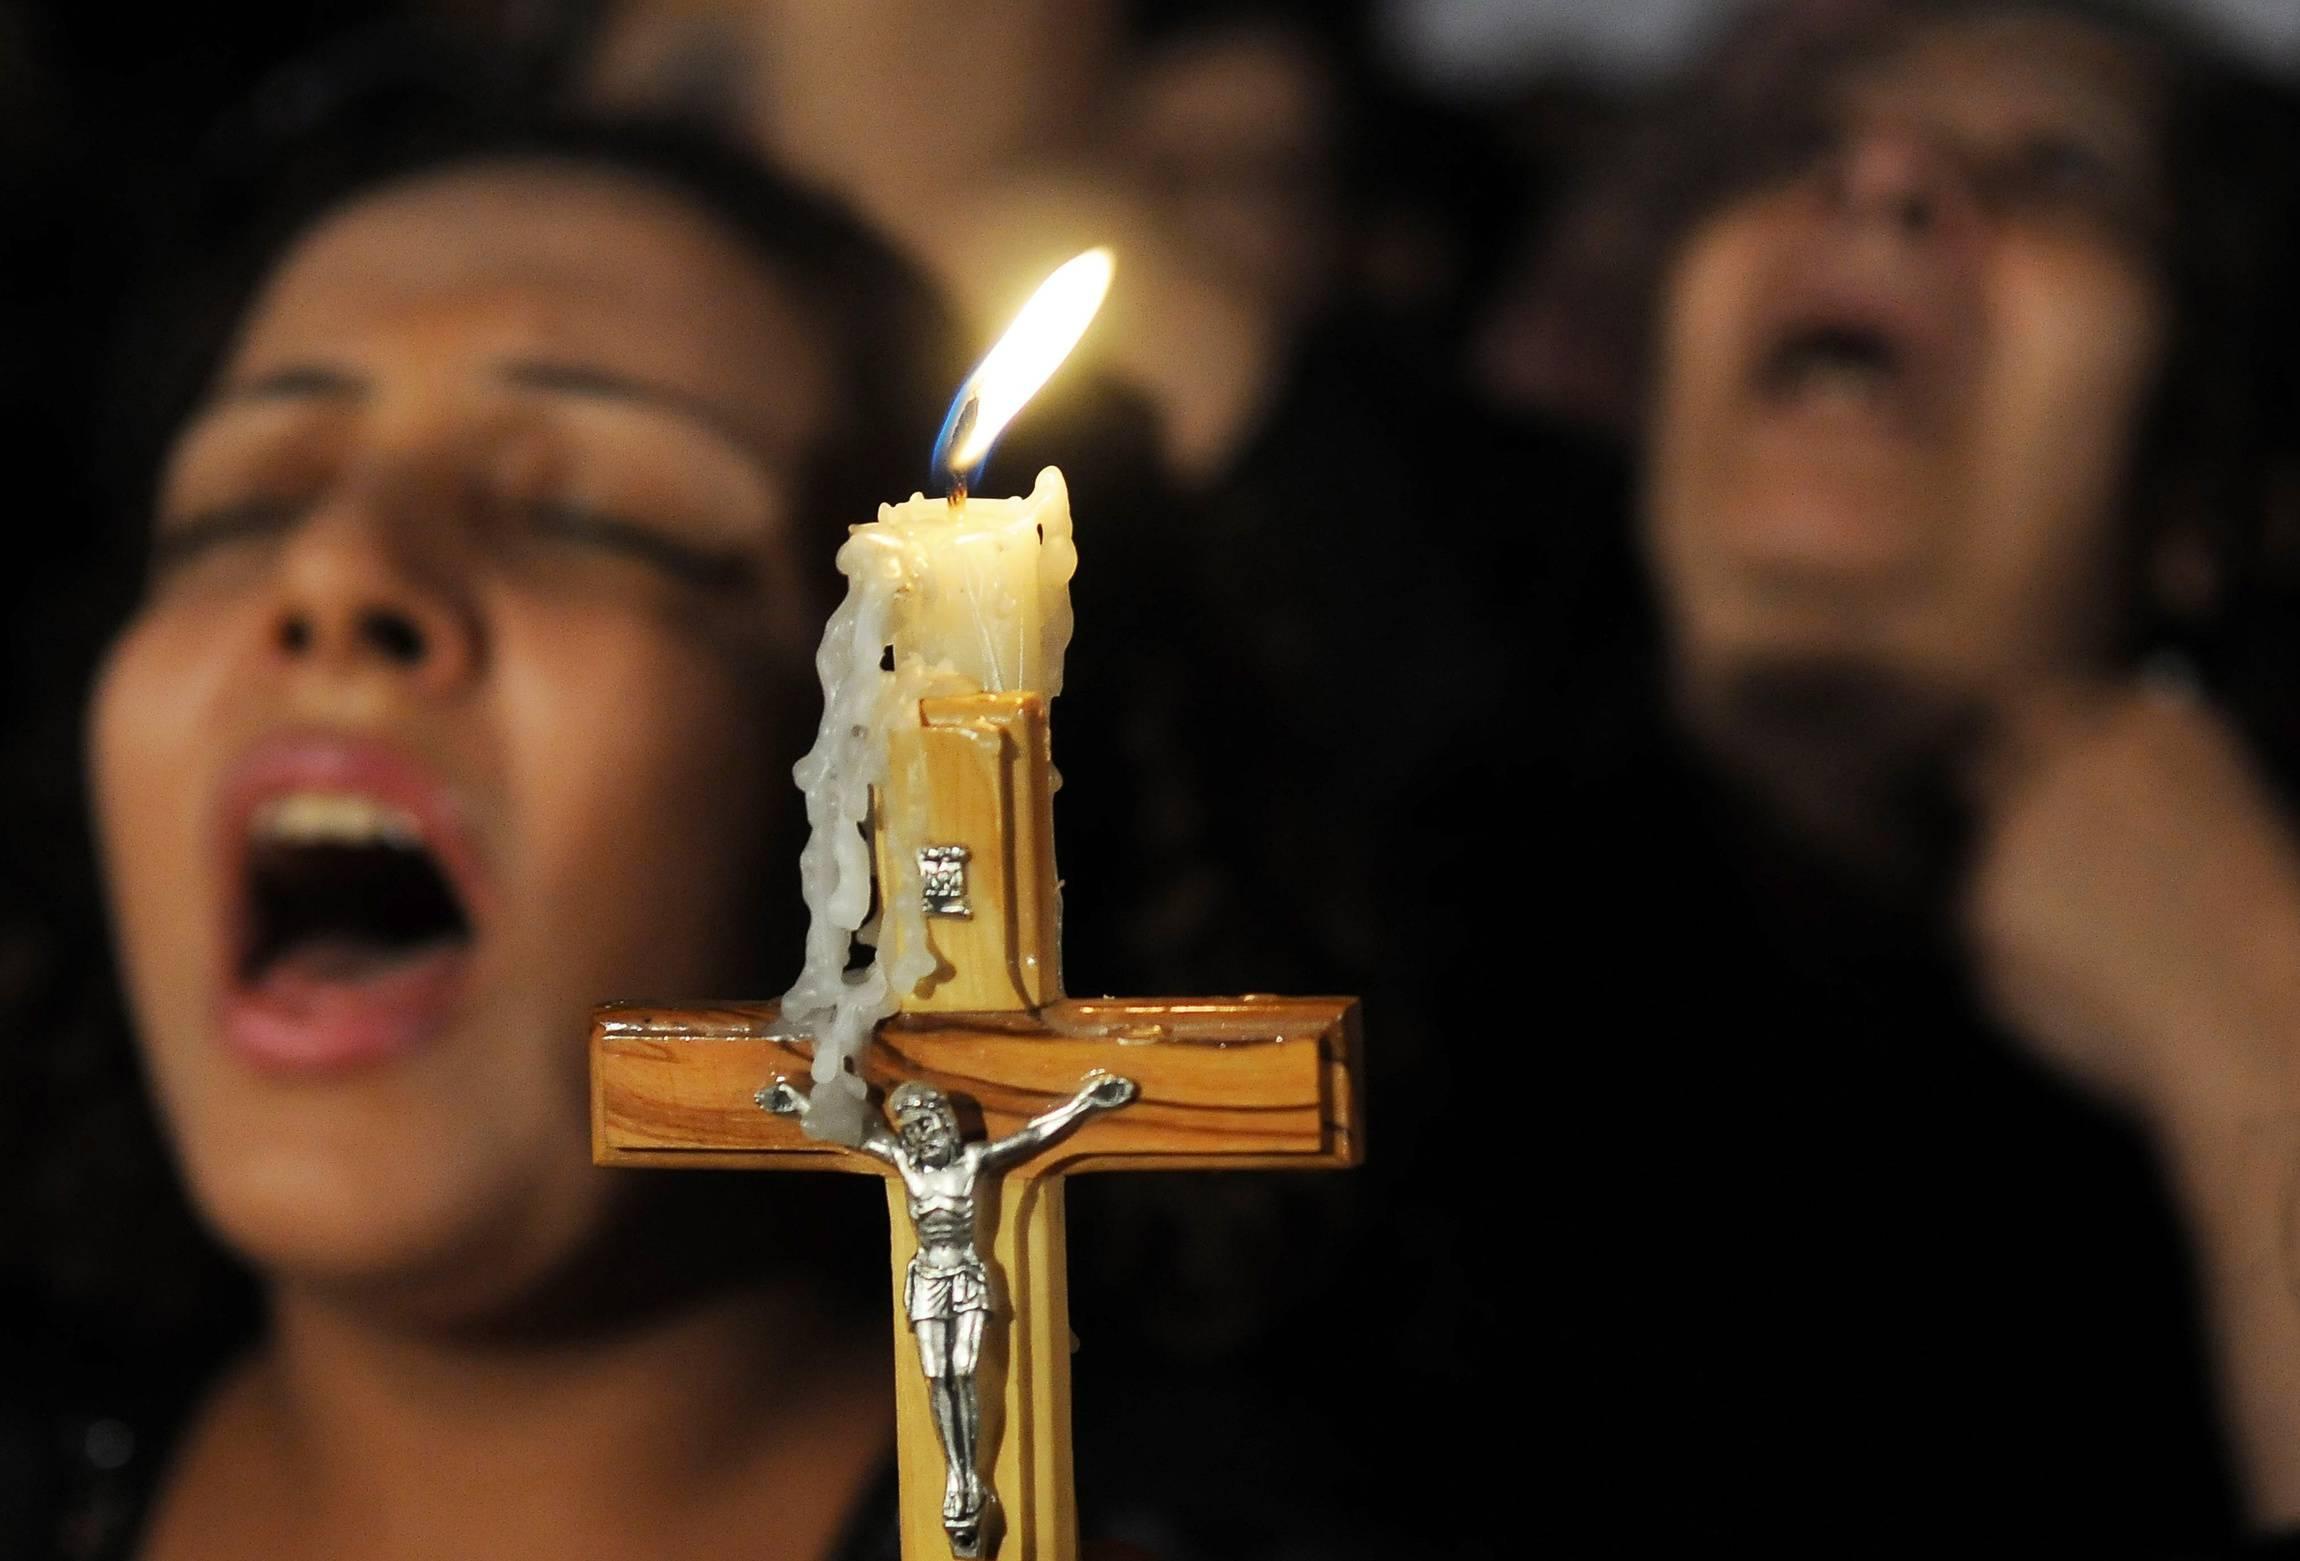 L'arcivescovo di Raqqa in visita al «Giornale»: parlerà della persecuzione dei cristiani in Siria